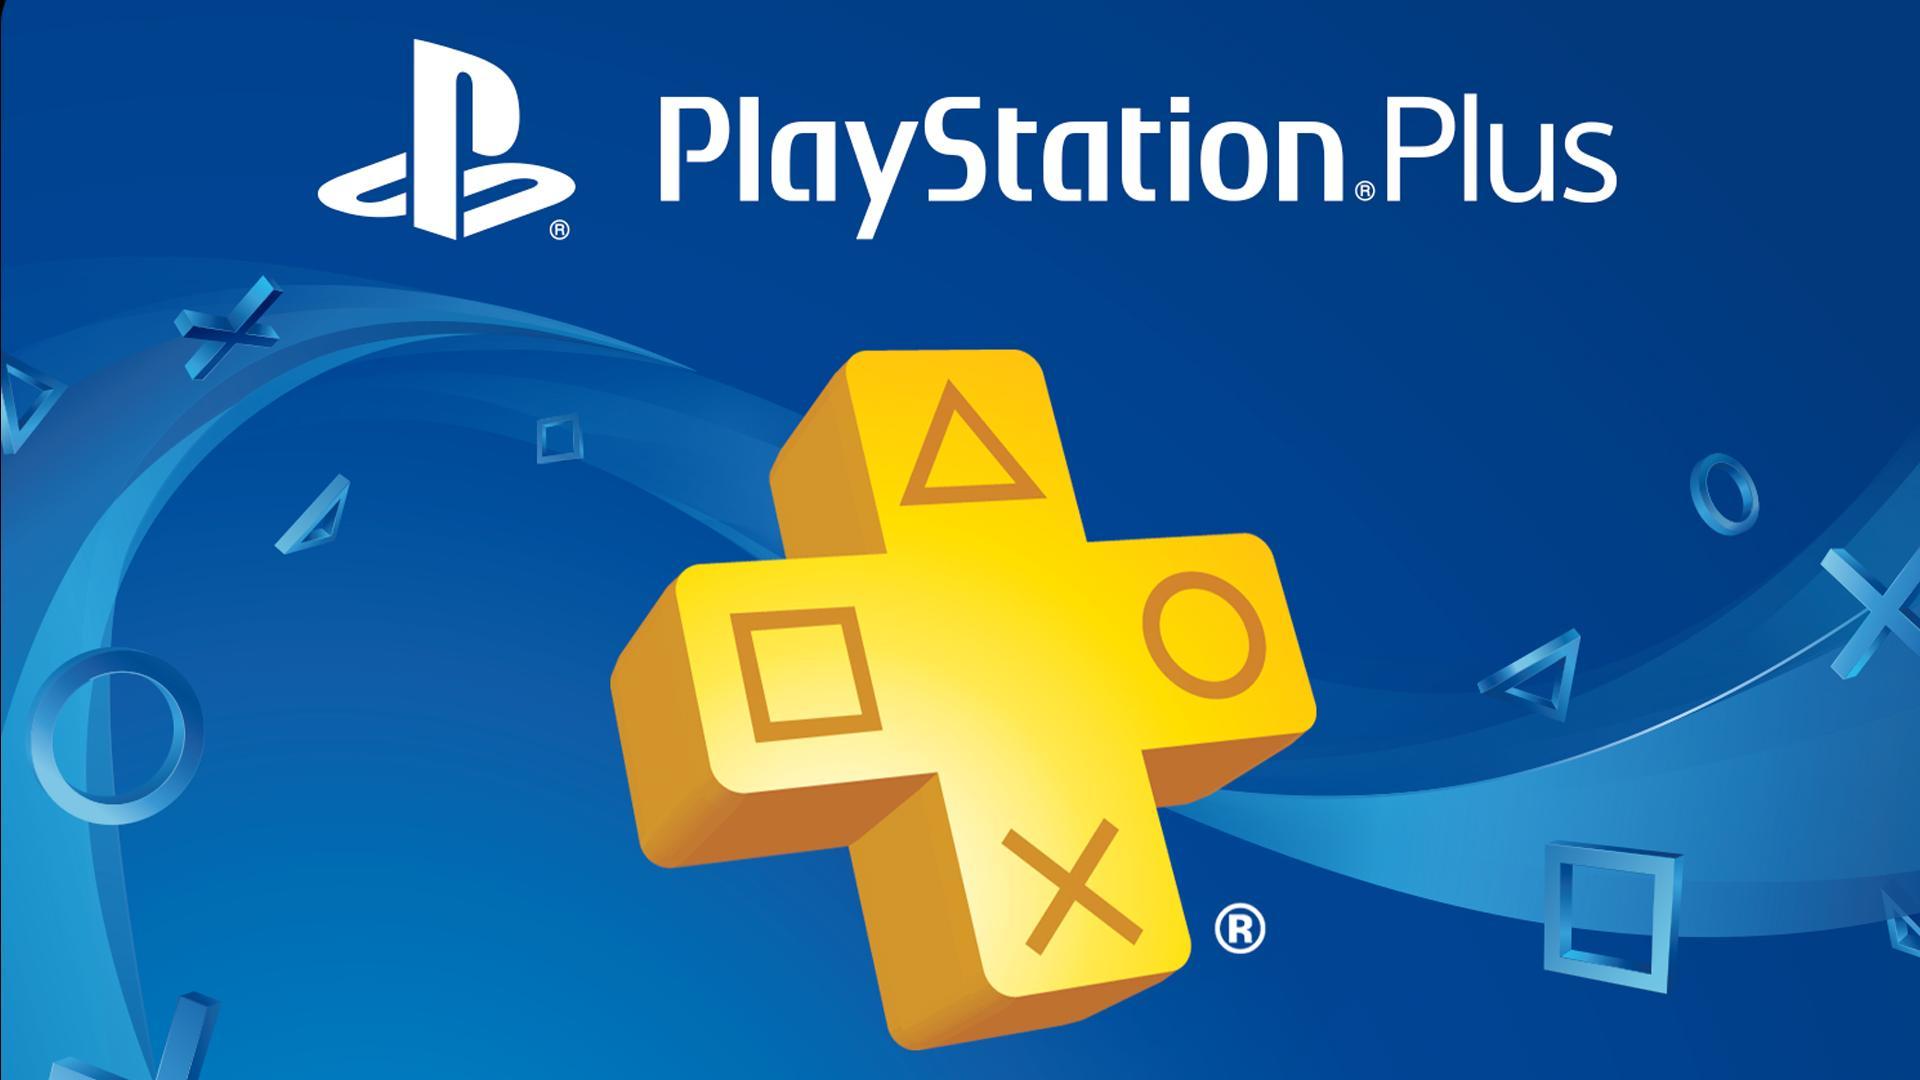 Com Abrilde 2021 chegando, os jogadores e assinantes do PS Plus sabem que está na hora de baixar os novos jogos gratuitos para o PS4.